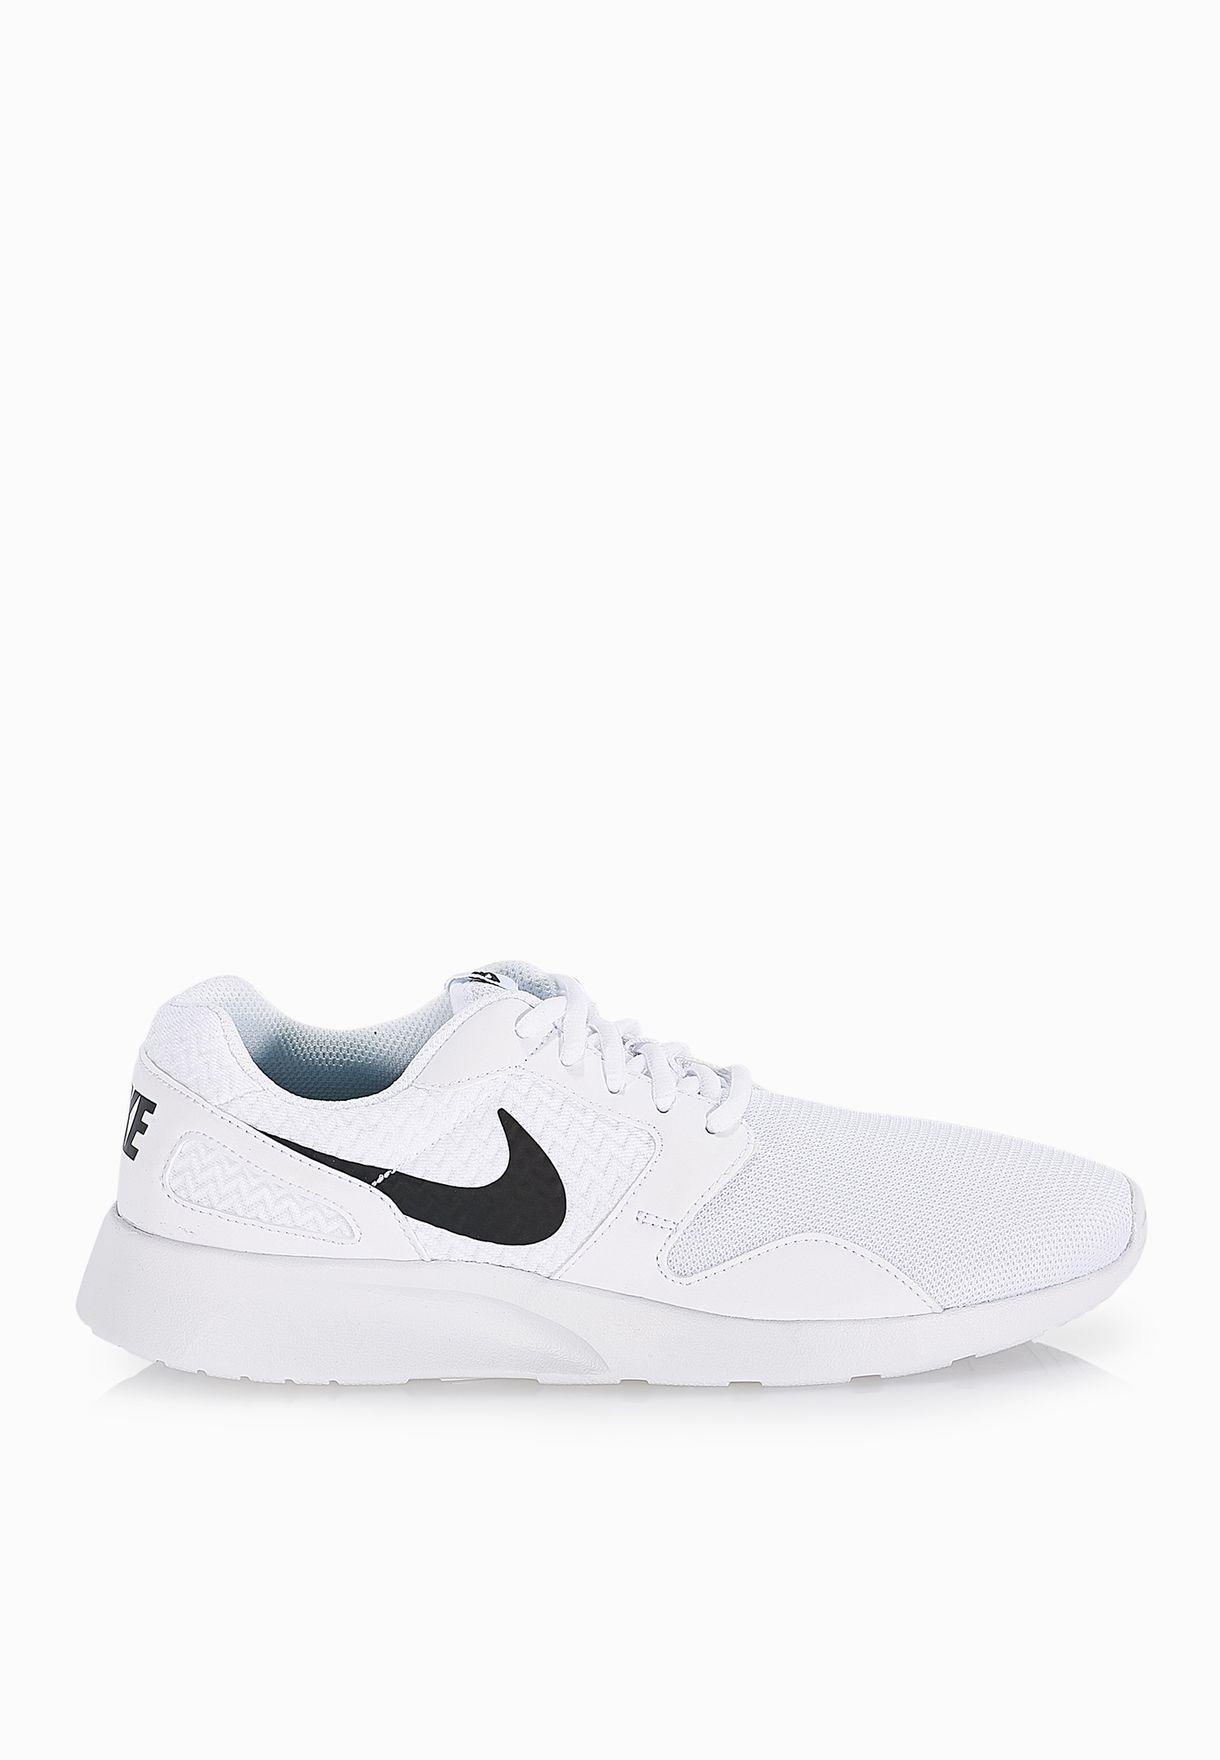 sports shoes 73659 00d77 ... low cost shop nike white kaishi 654845 103 for women in saudi  ni727sh58evh 963b5 bea37